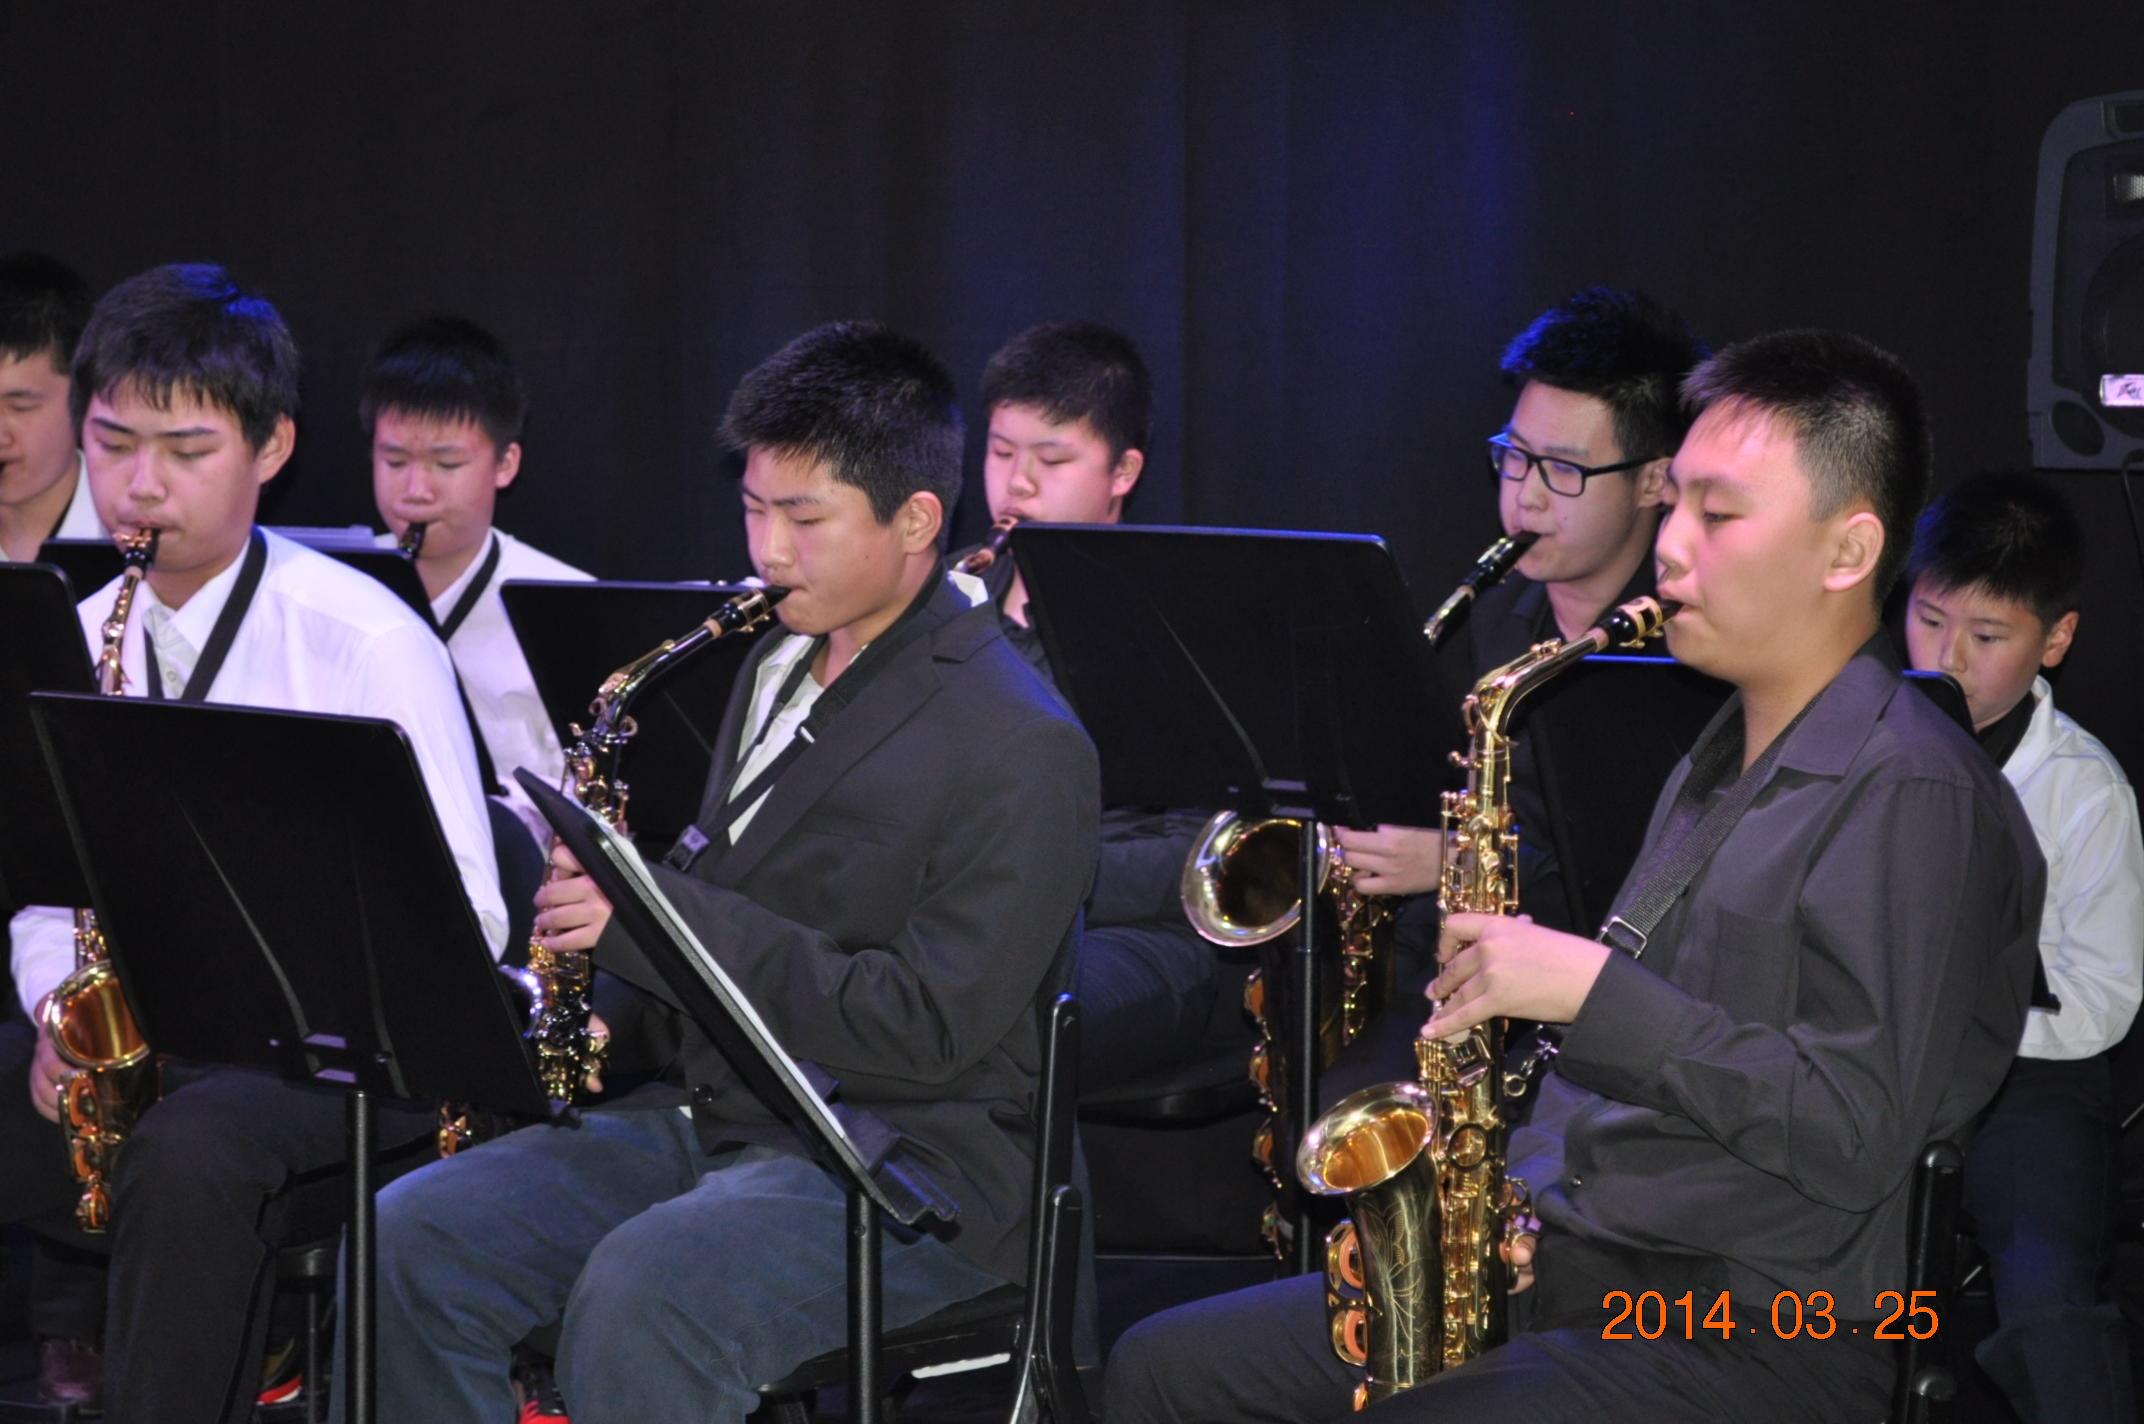 尚音学生赴法国参加音乐演奏